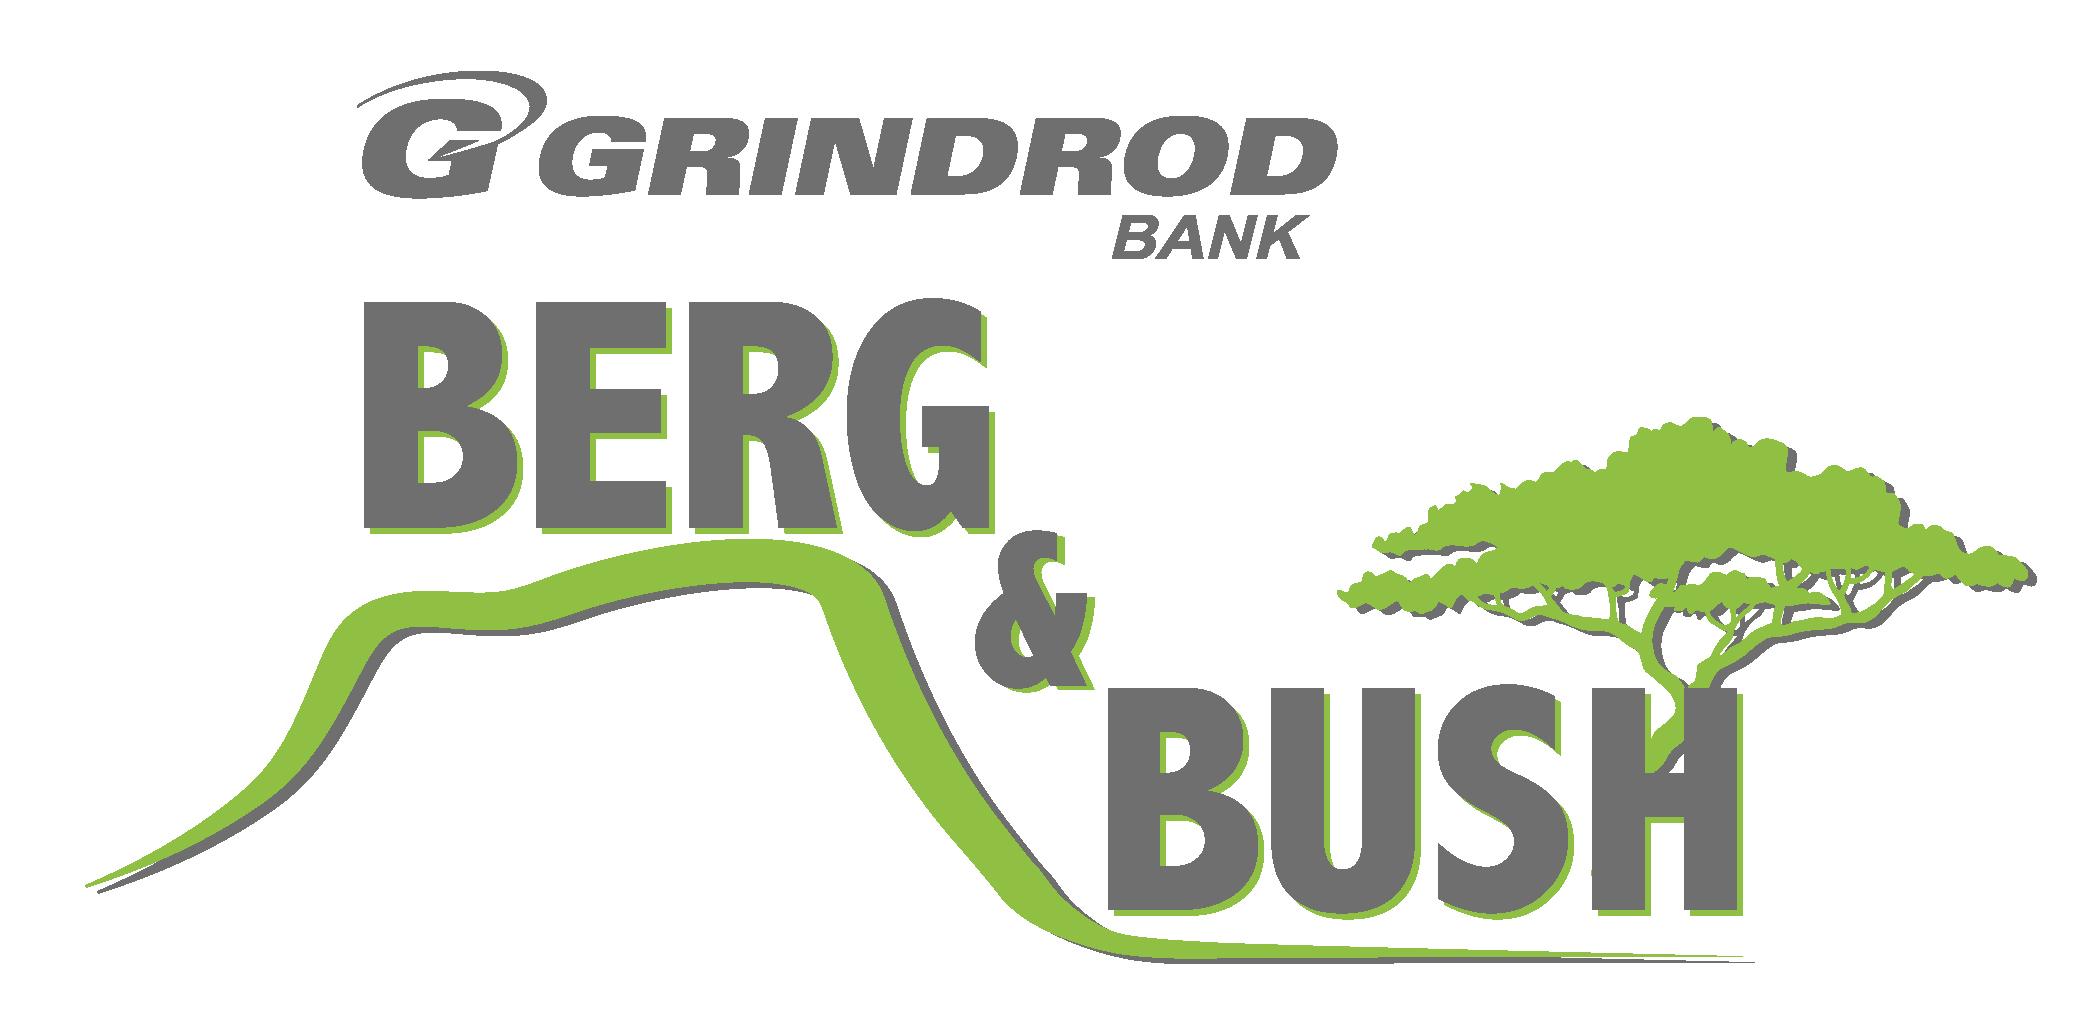 Berg & Bush